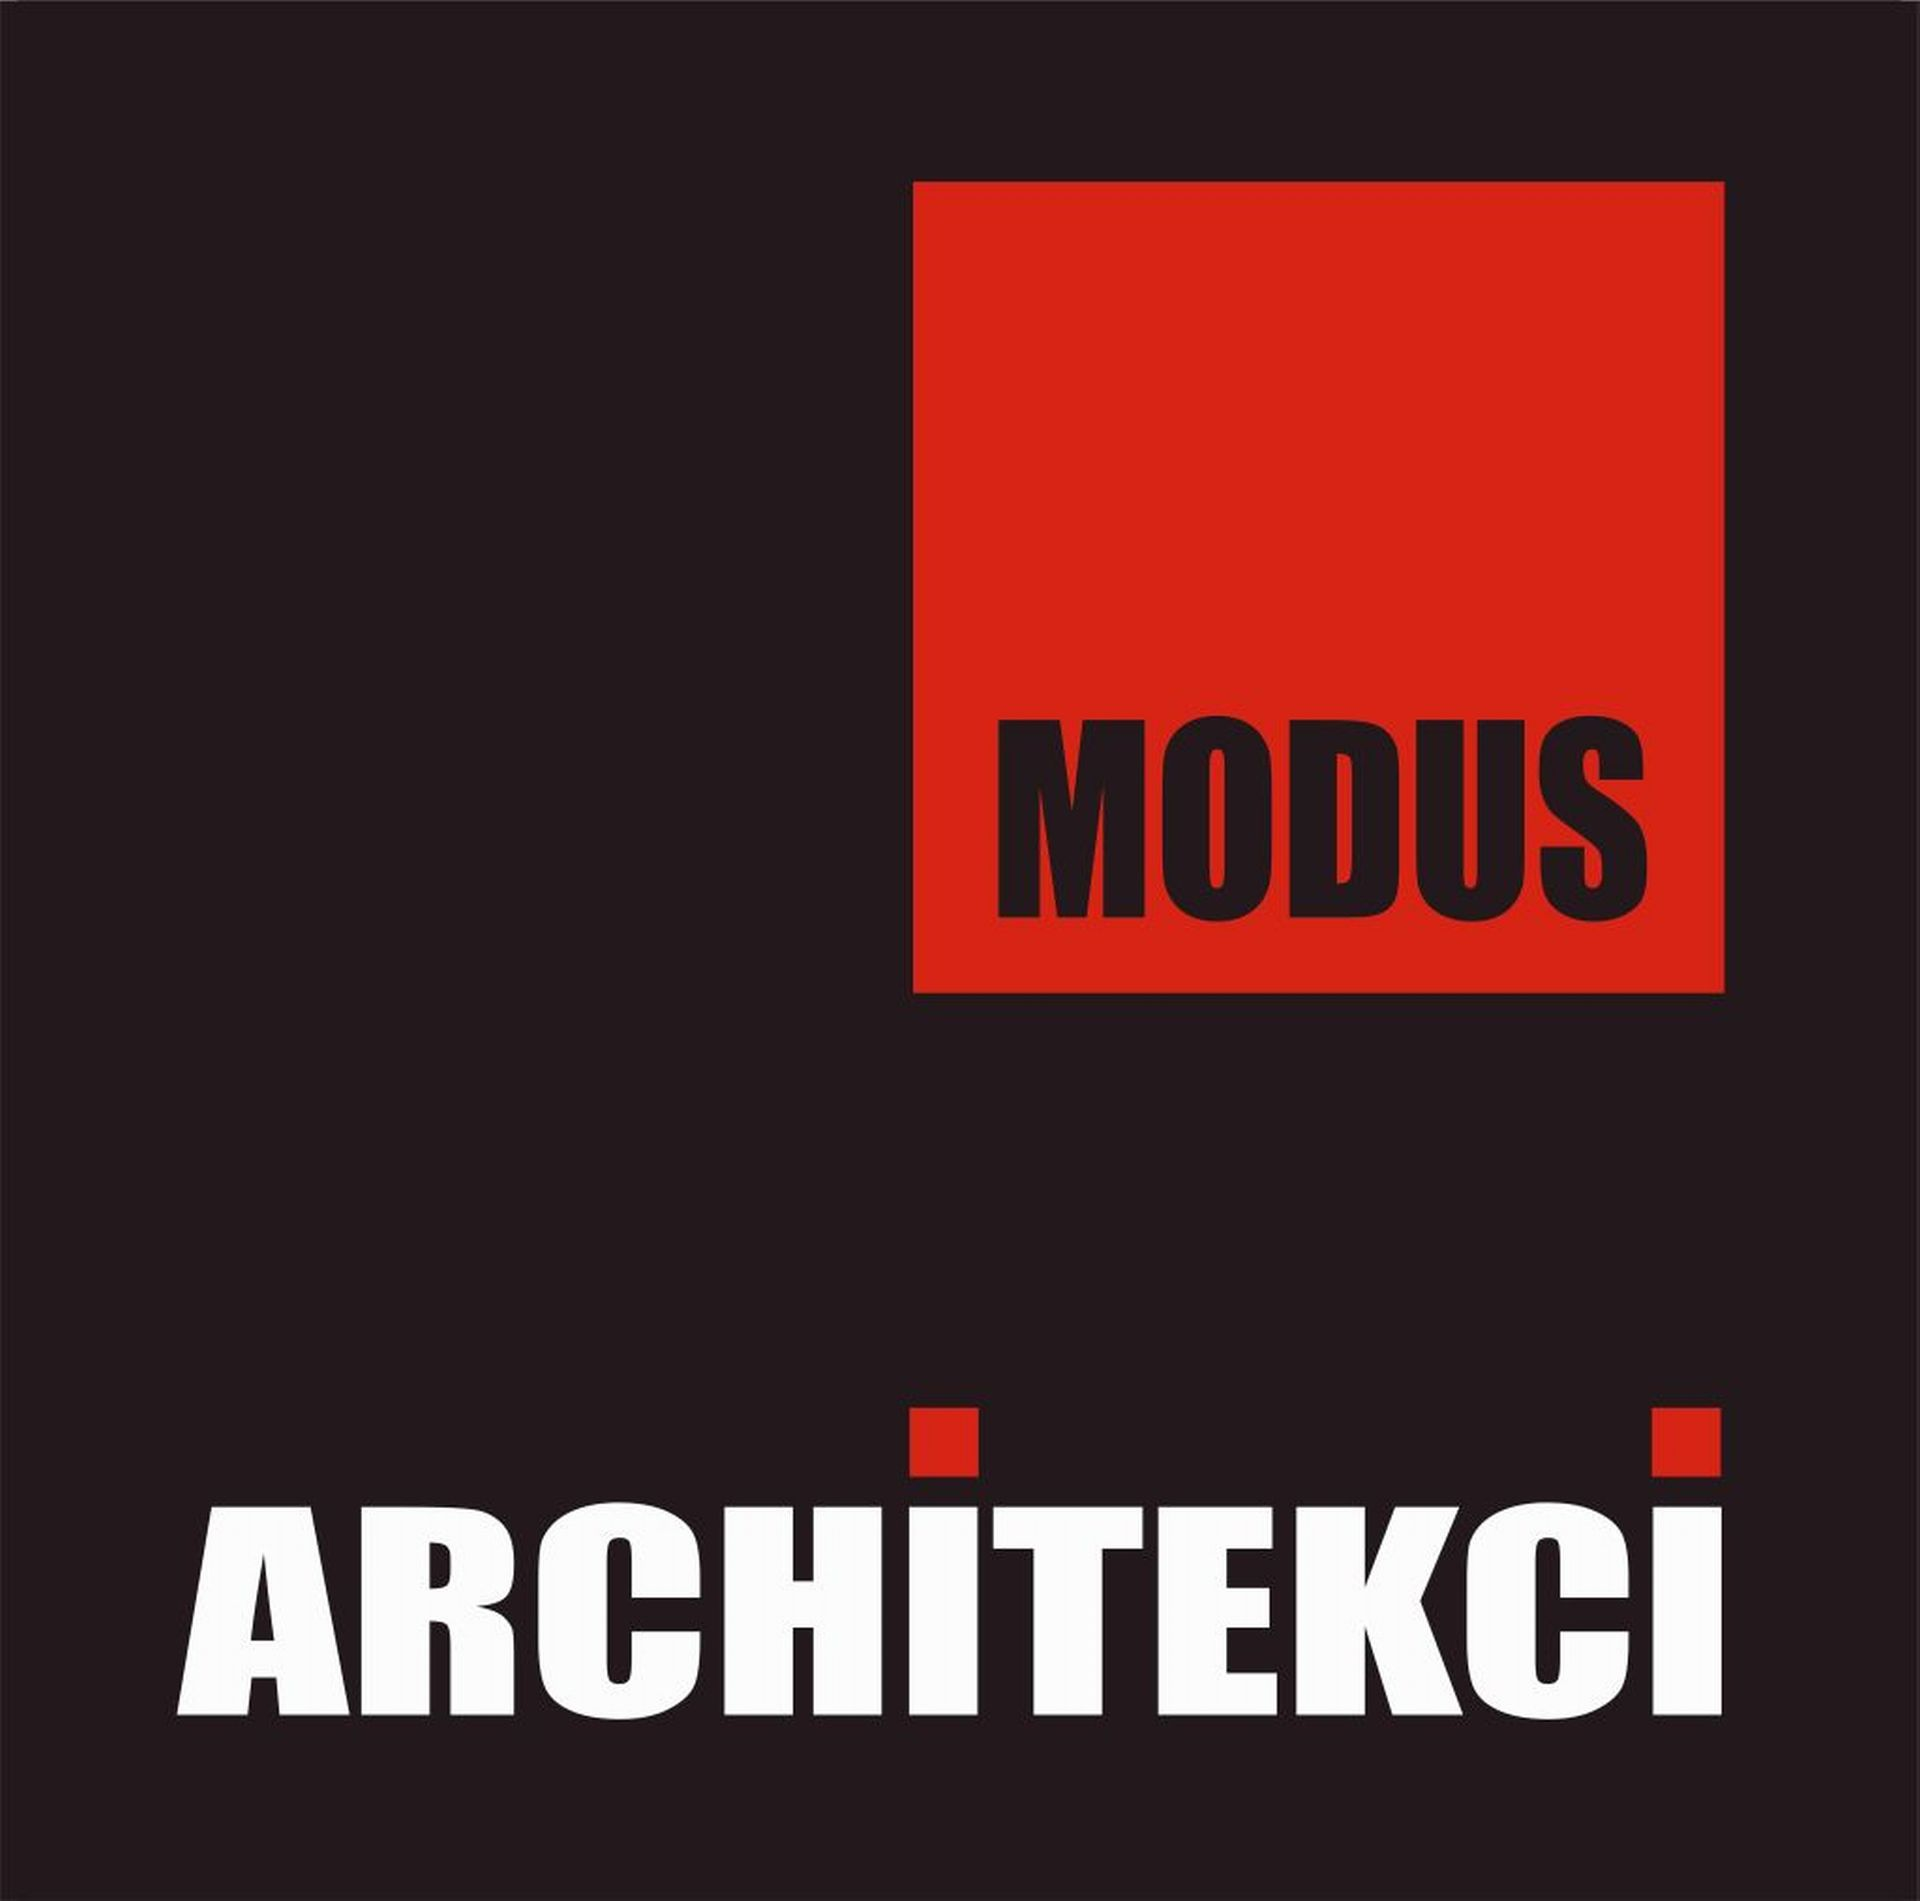 Modus Architekci